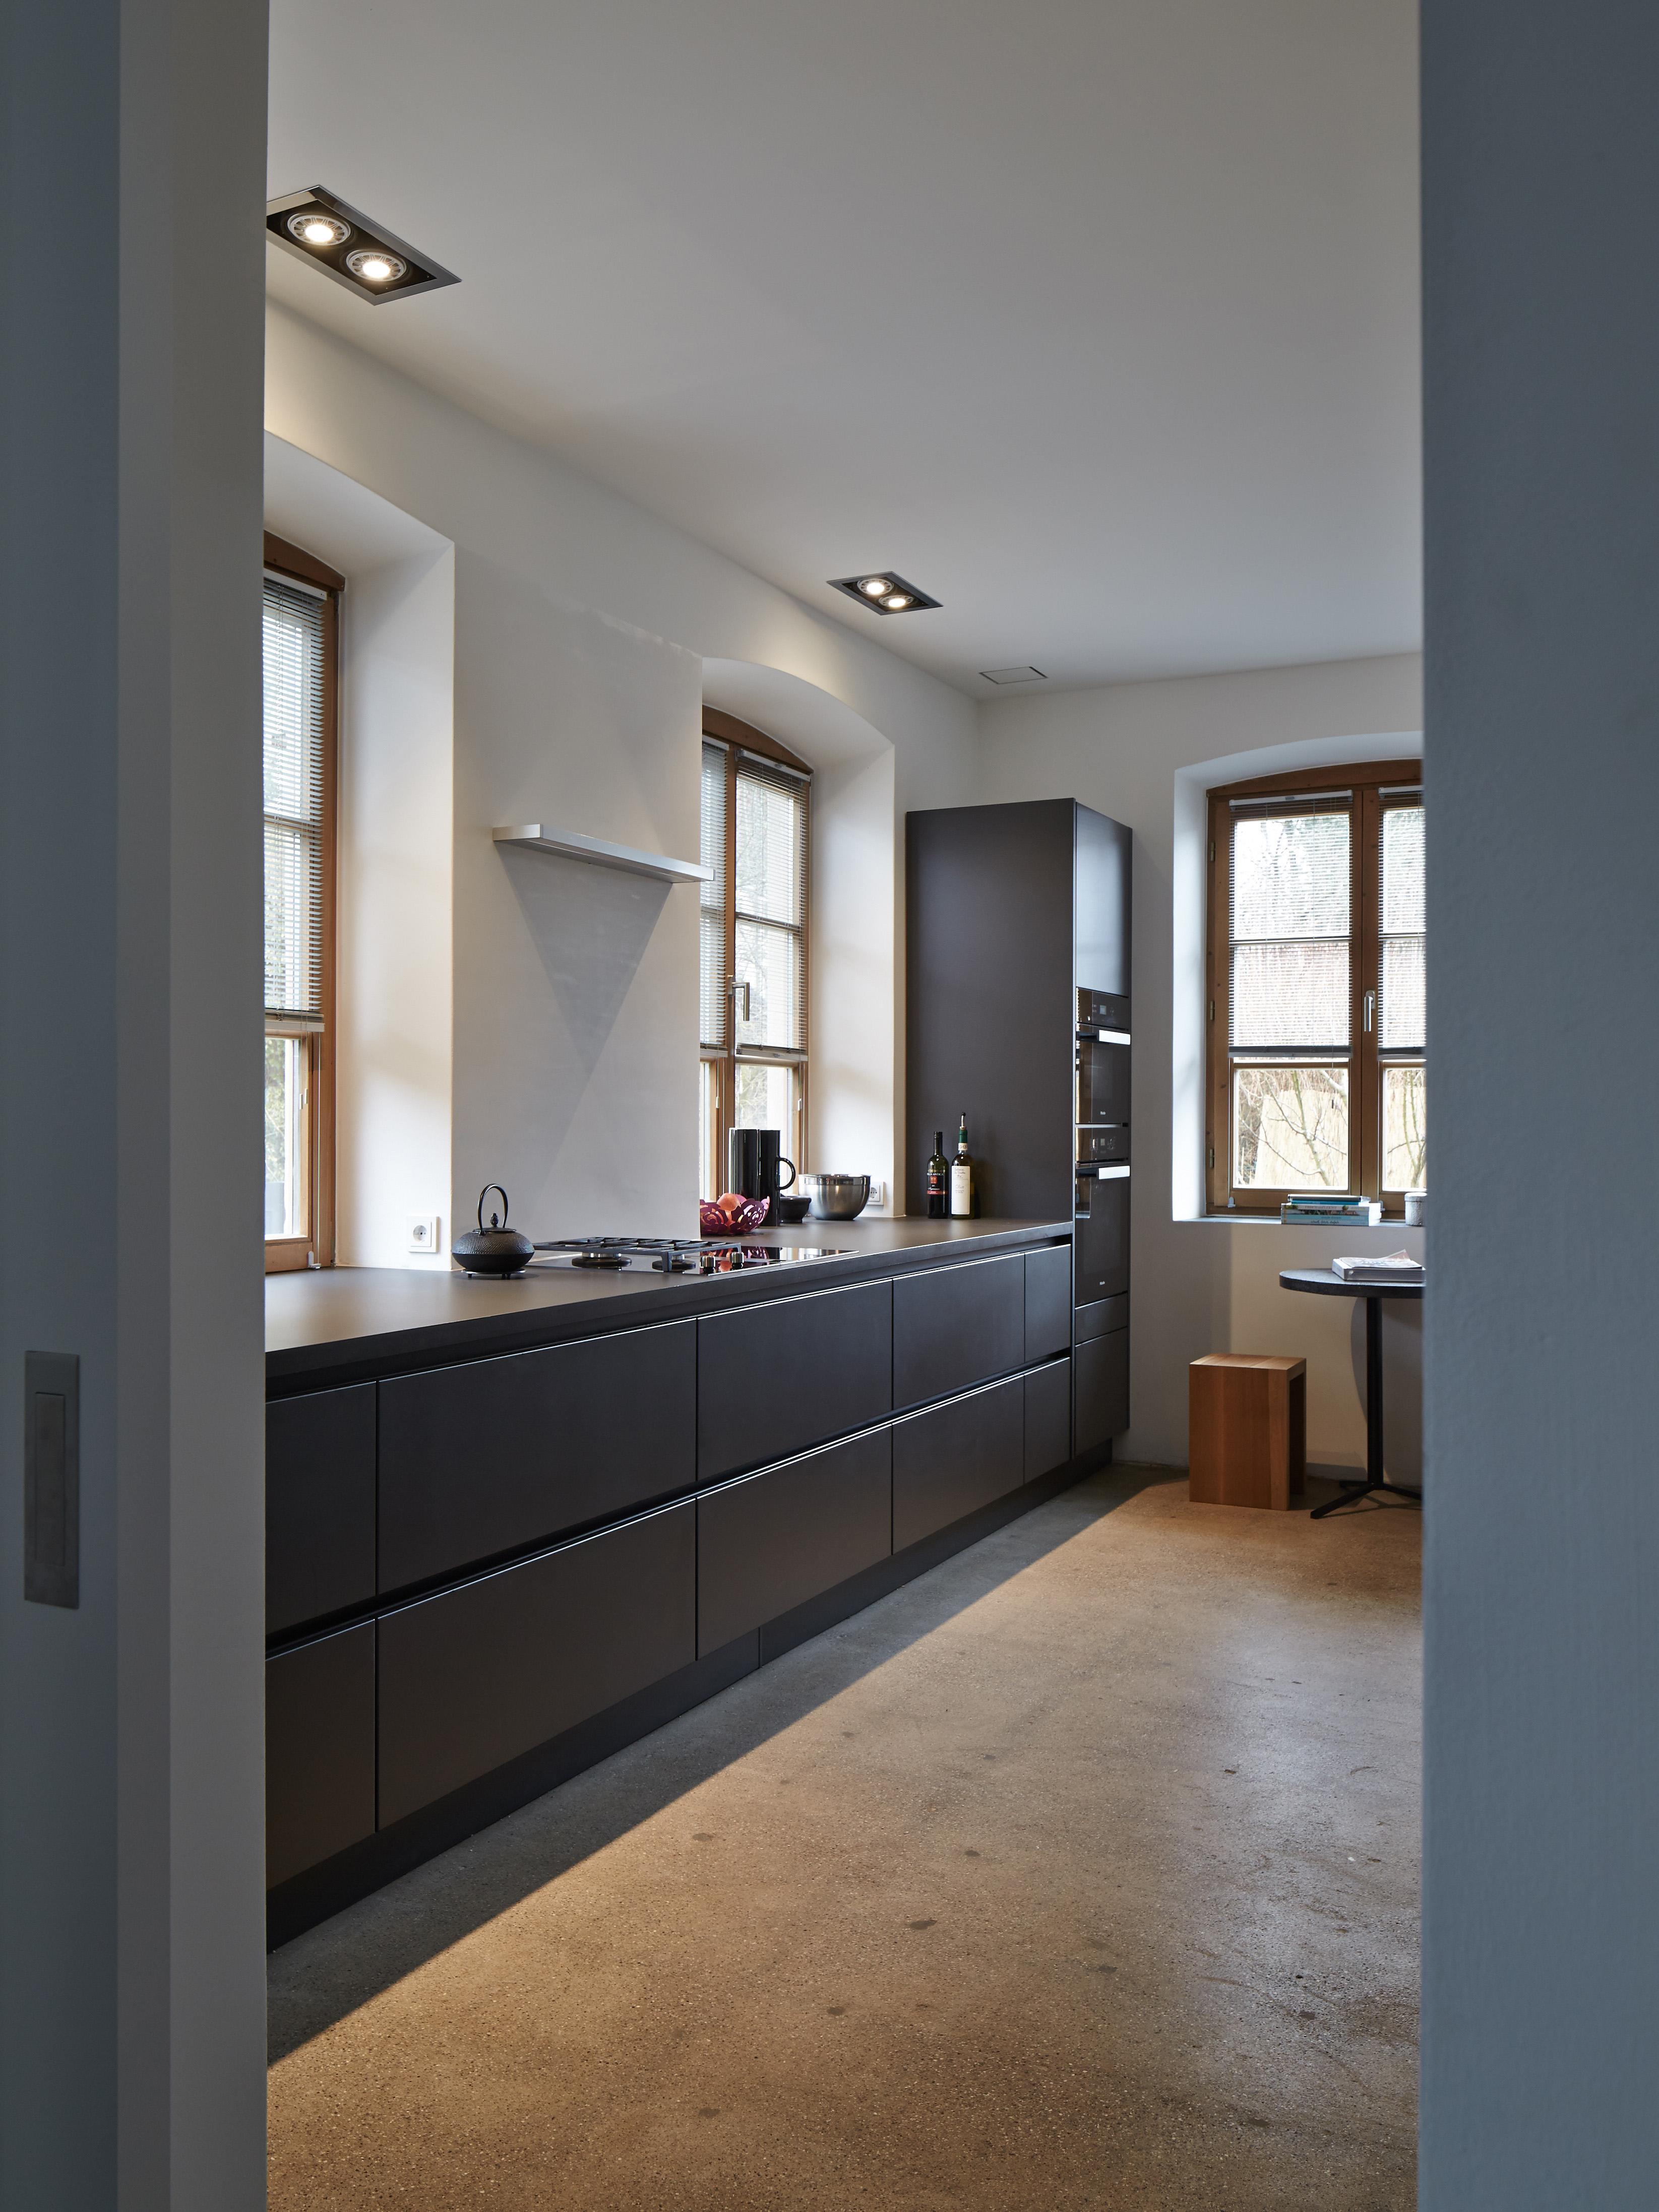 Geradlinigkeit in der Küche – Satinlack, Stahl, Glas | BORA